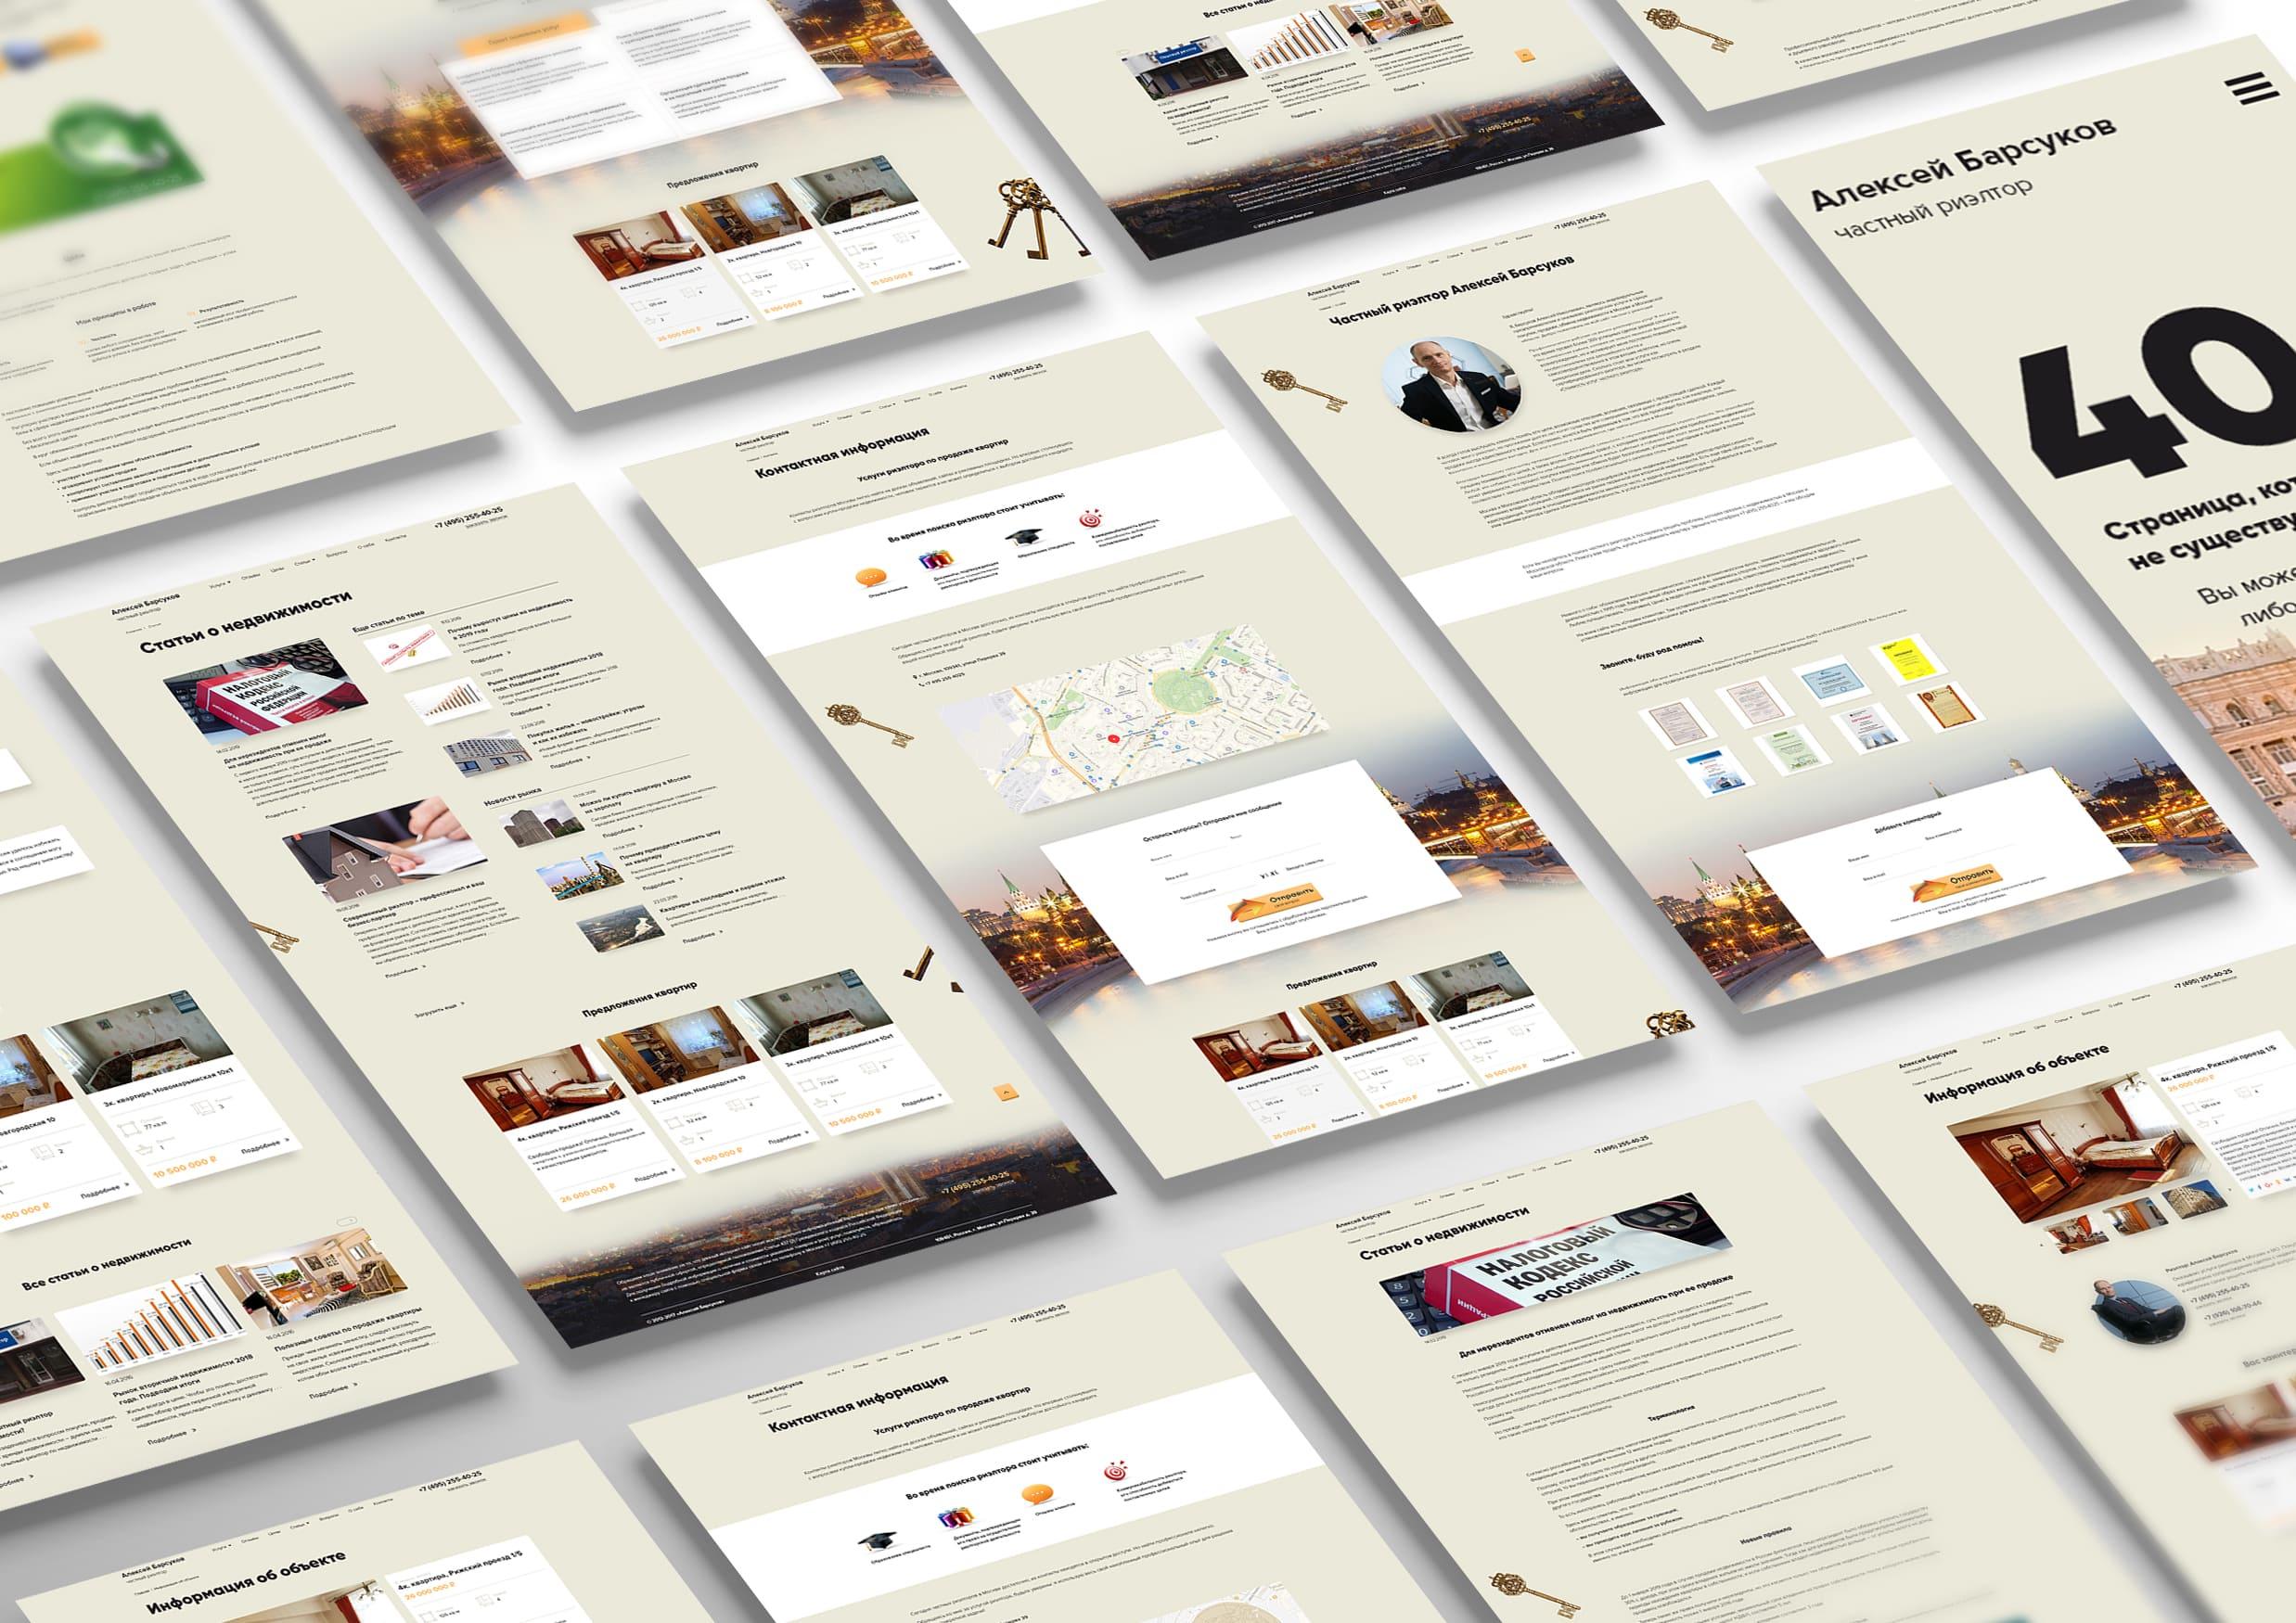 Примеры страниц. Дизайн корпоративного сайта риелтора